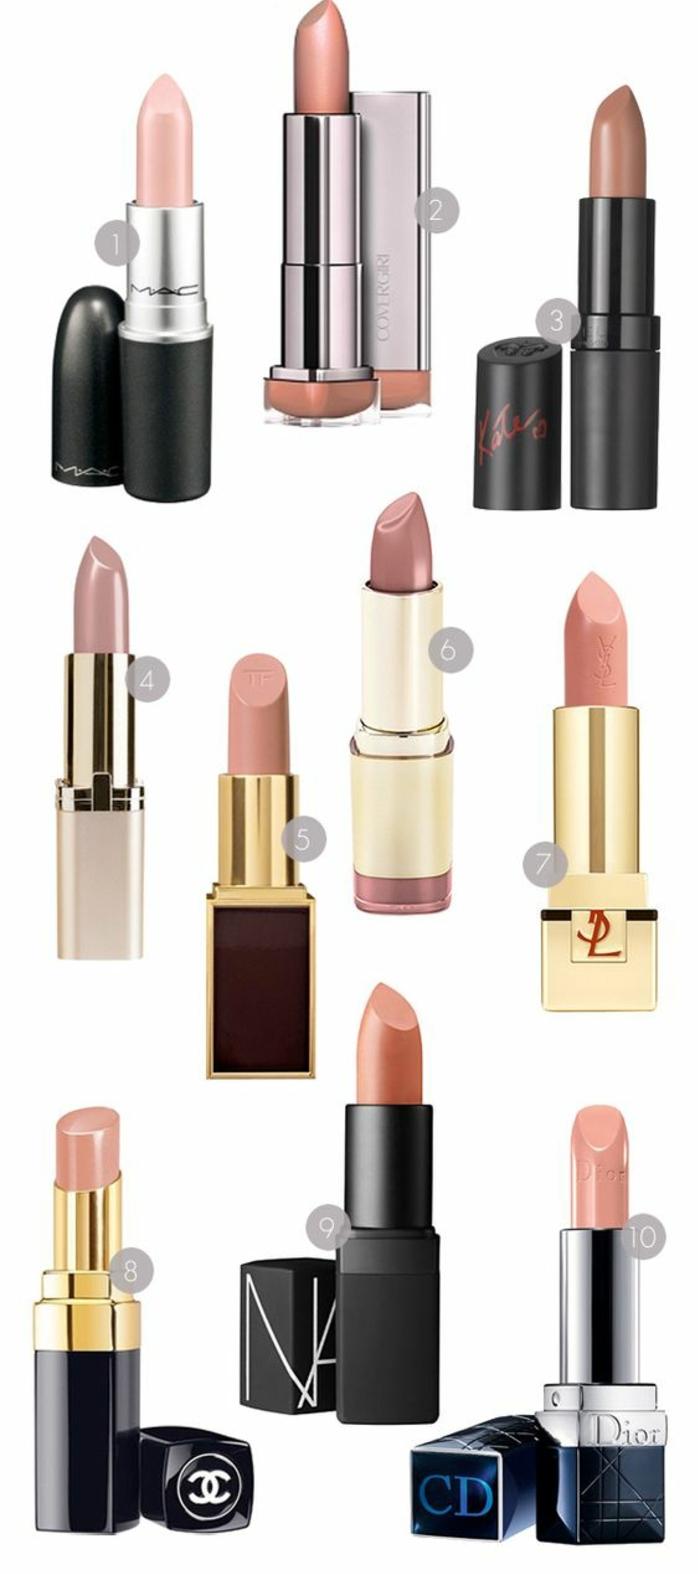 des lèvres nude et mates pour un maquillage discret et naturel, les meilleurs rouges à lèvres neutres